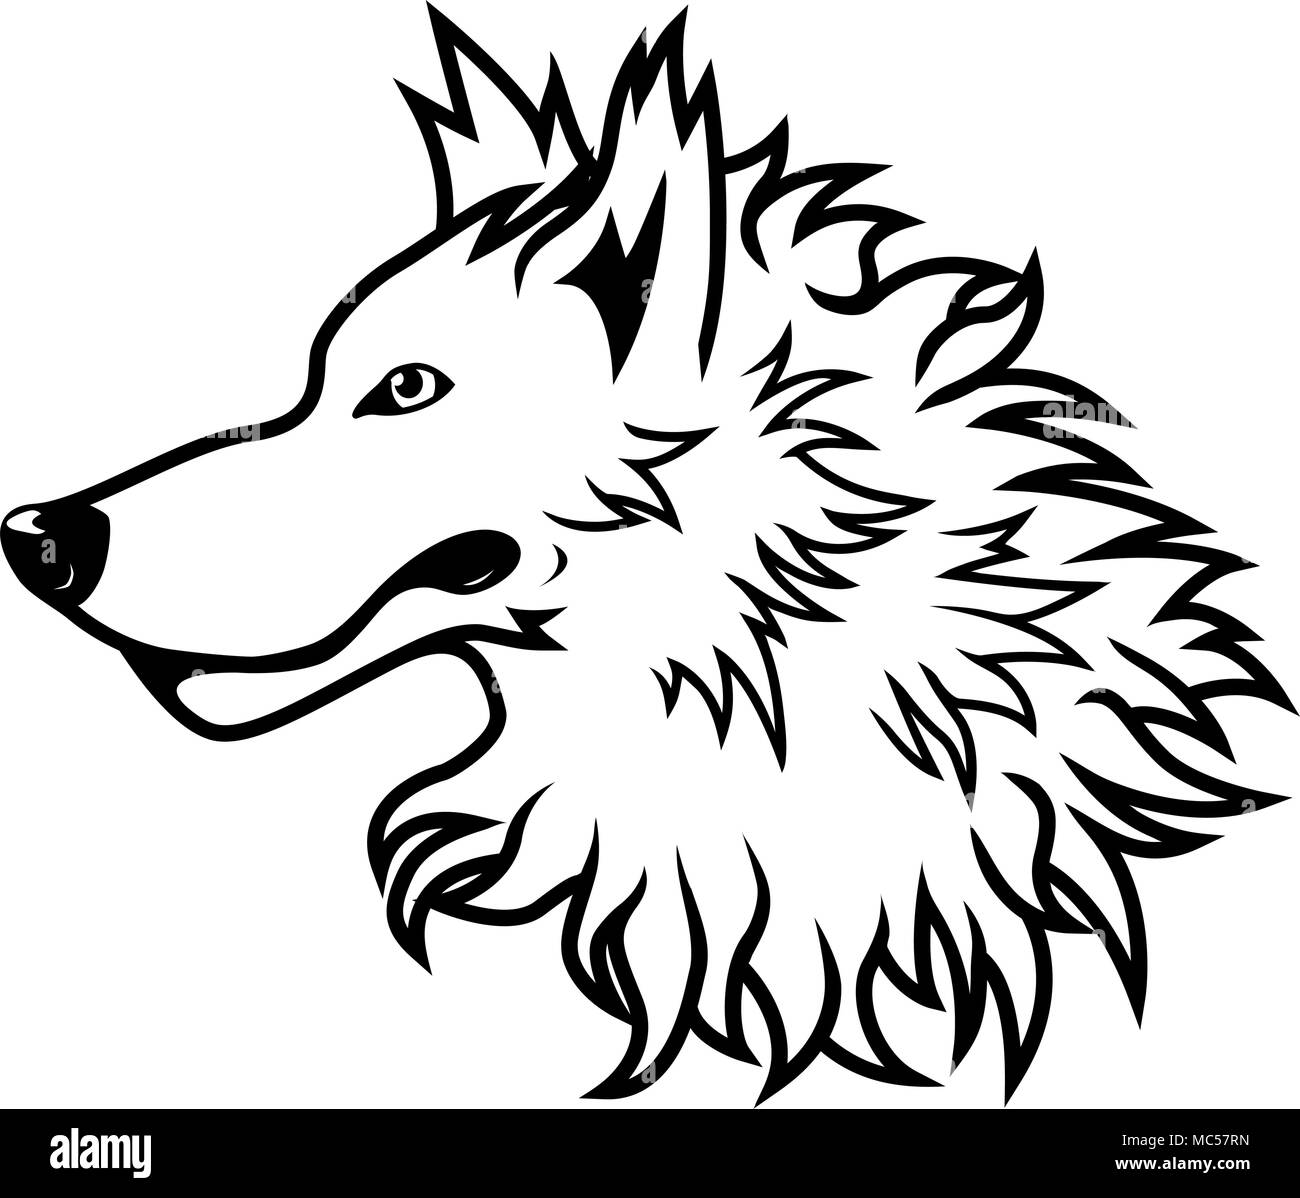 Schwarze Und Weiße Vektor Wolf Kopf Zeichnung Vektor Abbildung